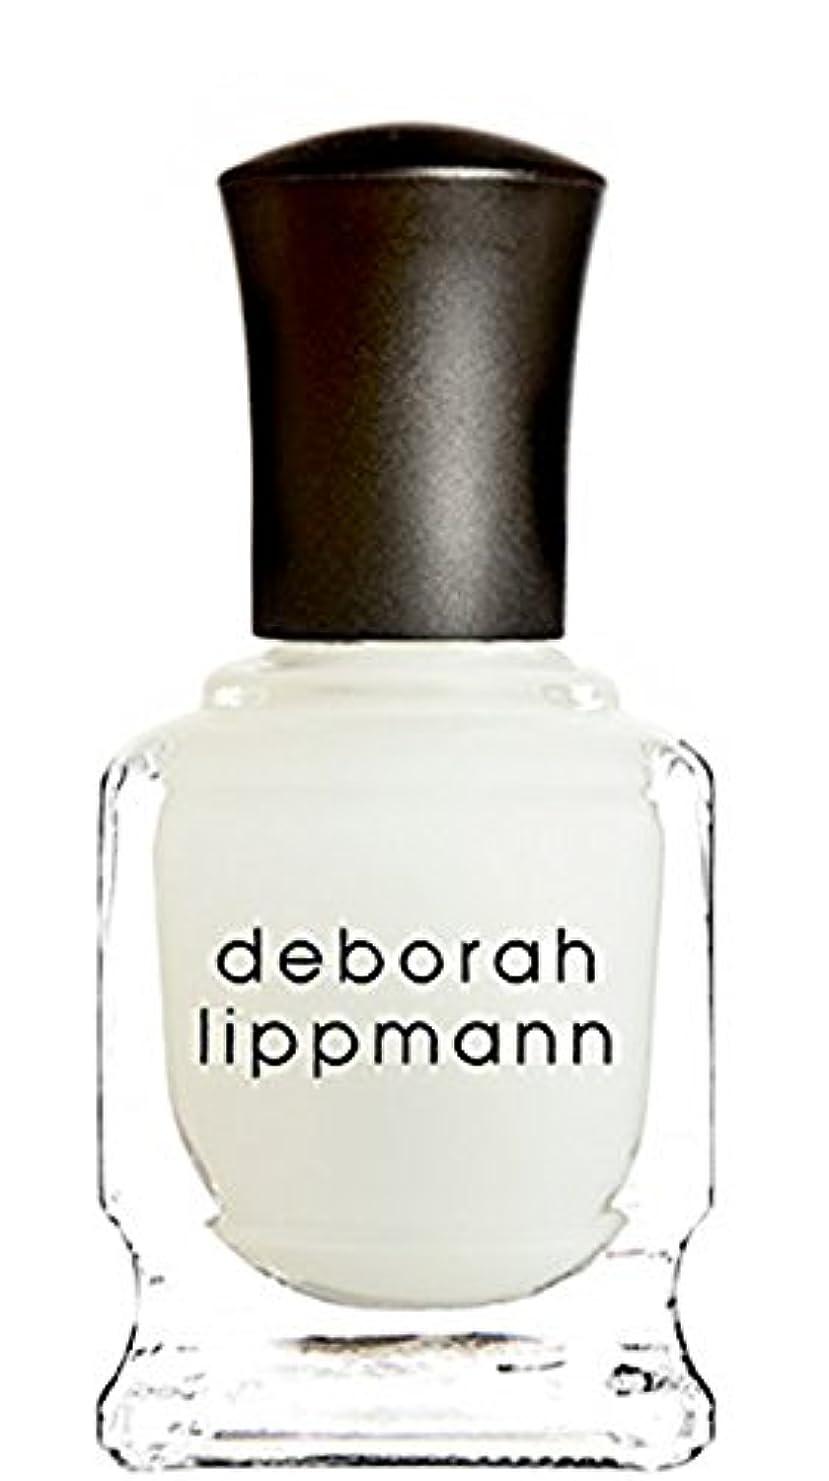 若い側溝希少性[Deborah Lippmann] デボラリップマン フラット トップ マット メーカー トップ コート FLAT TOP トップコート マット仕上げになるトップコートです さらっとして塗りやすく、お手持ちのネイルを...